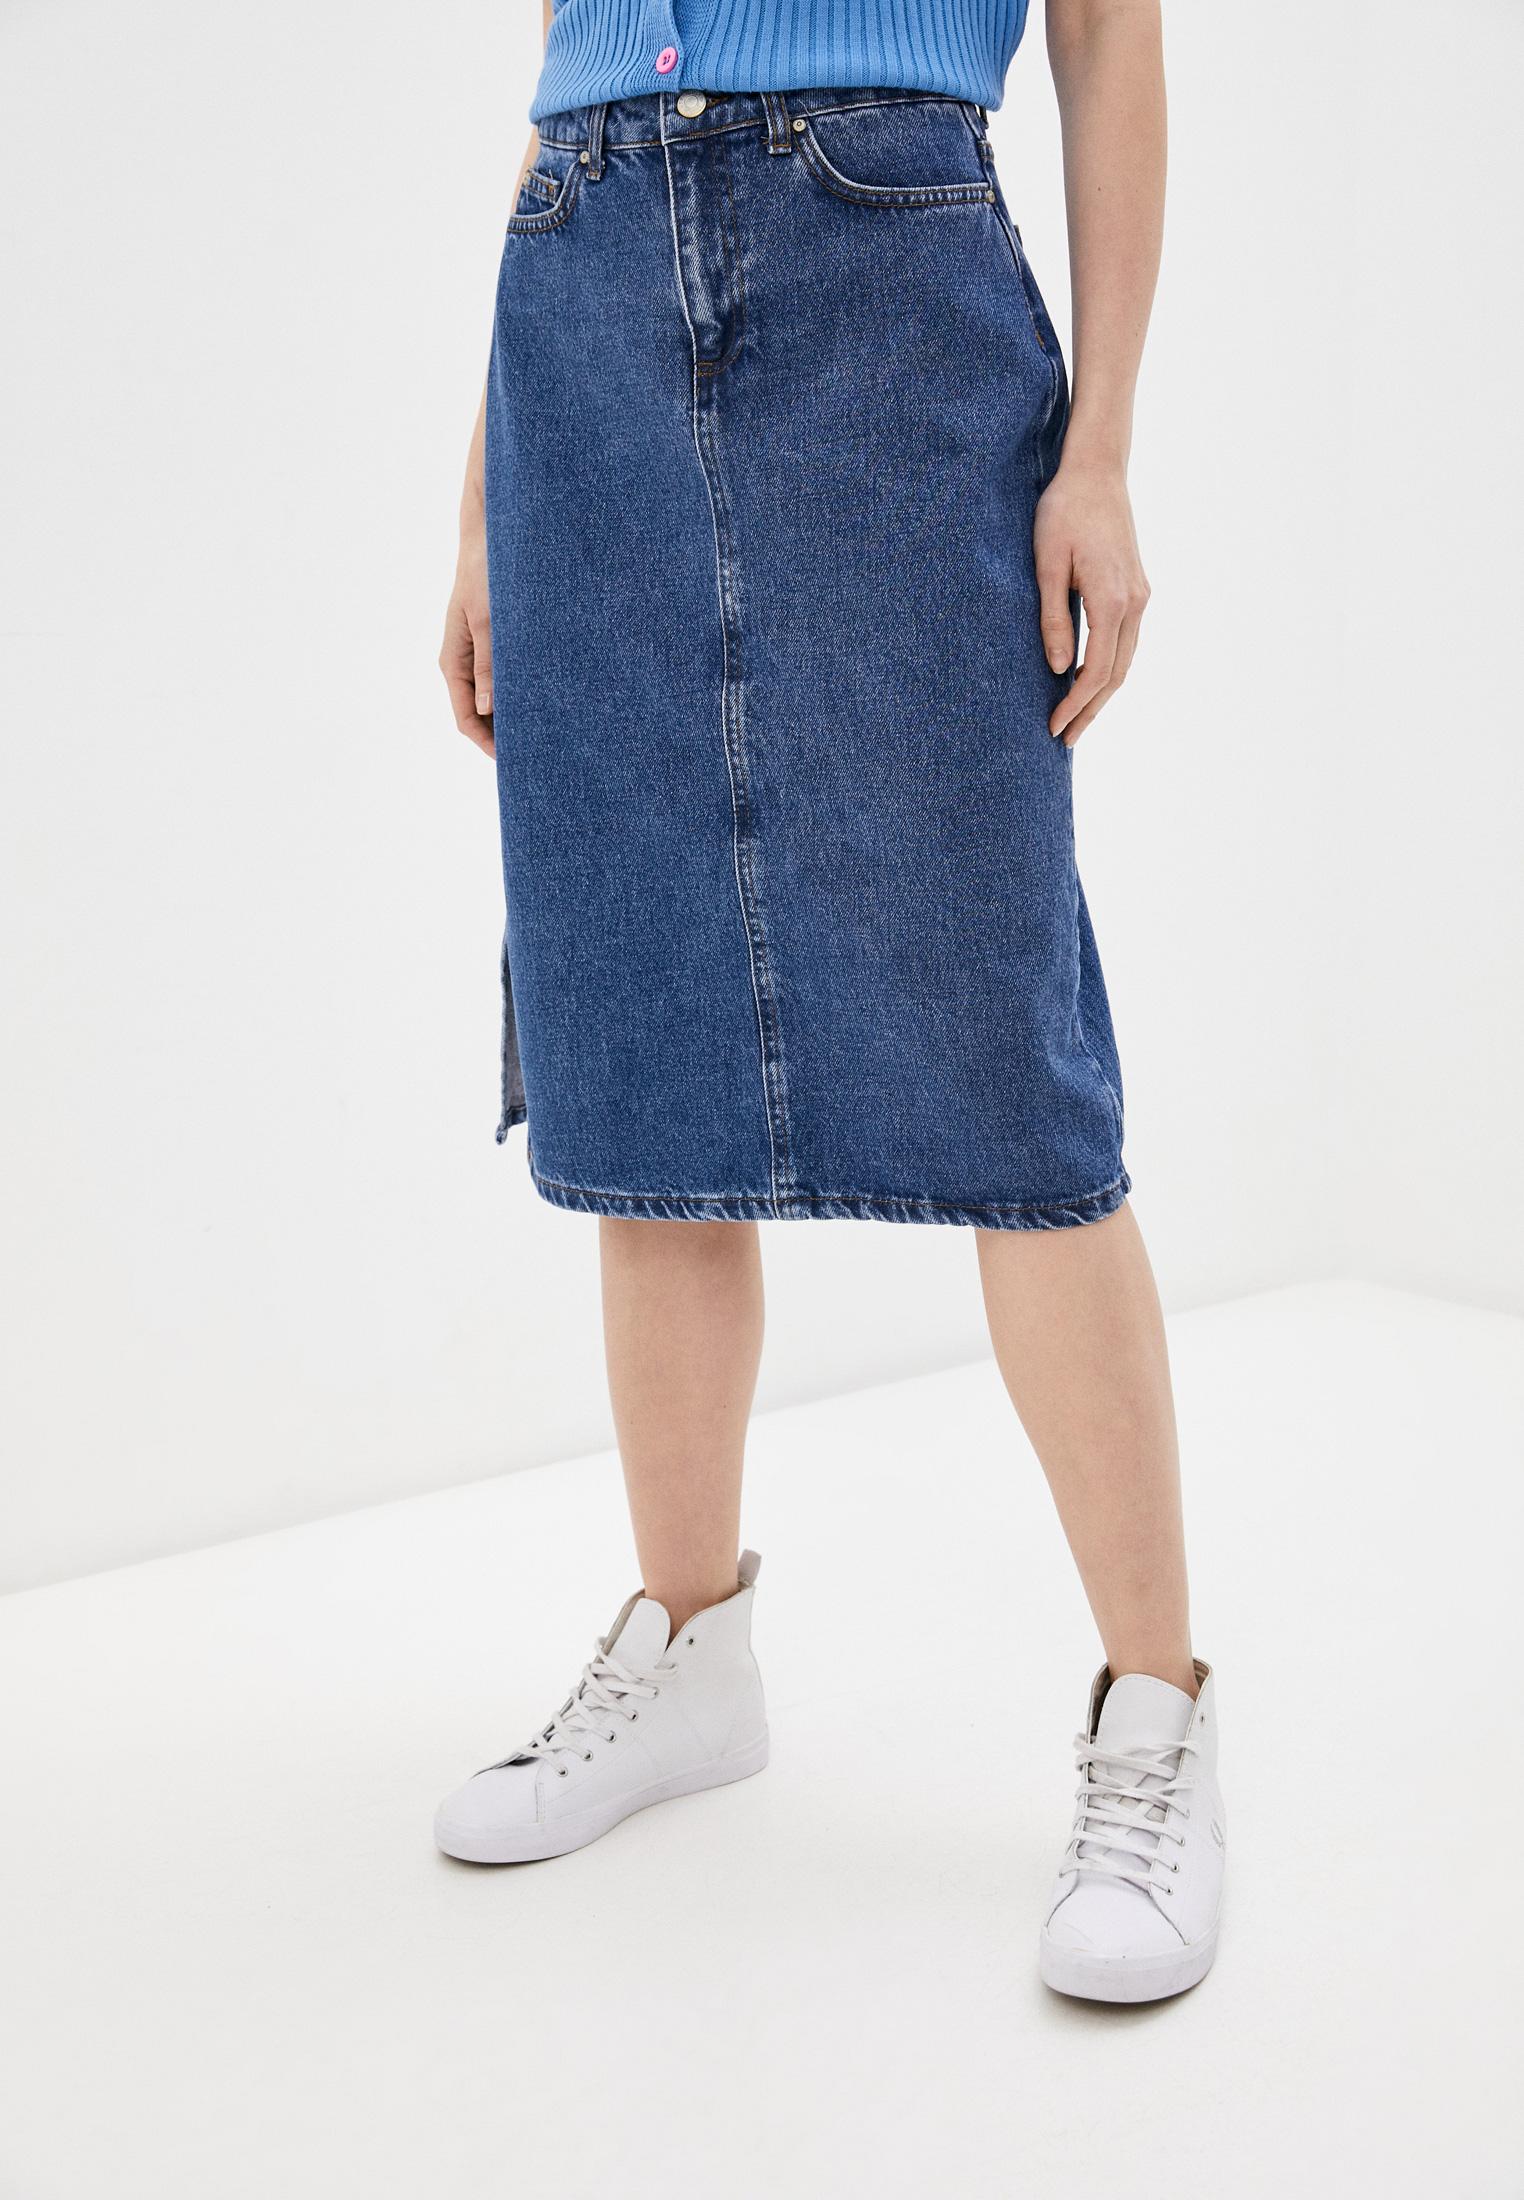 Джинсовая юбка Trendyol Юбка джинсовая Trendyol